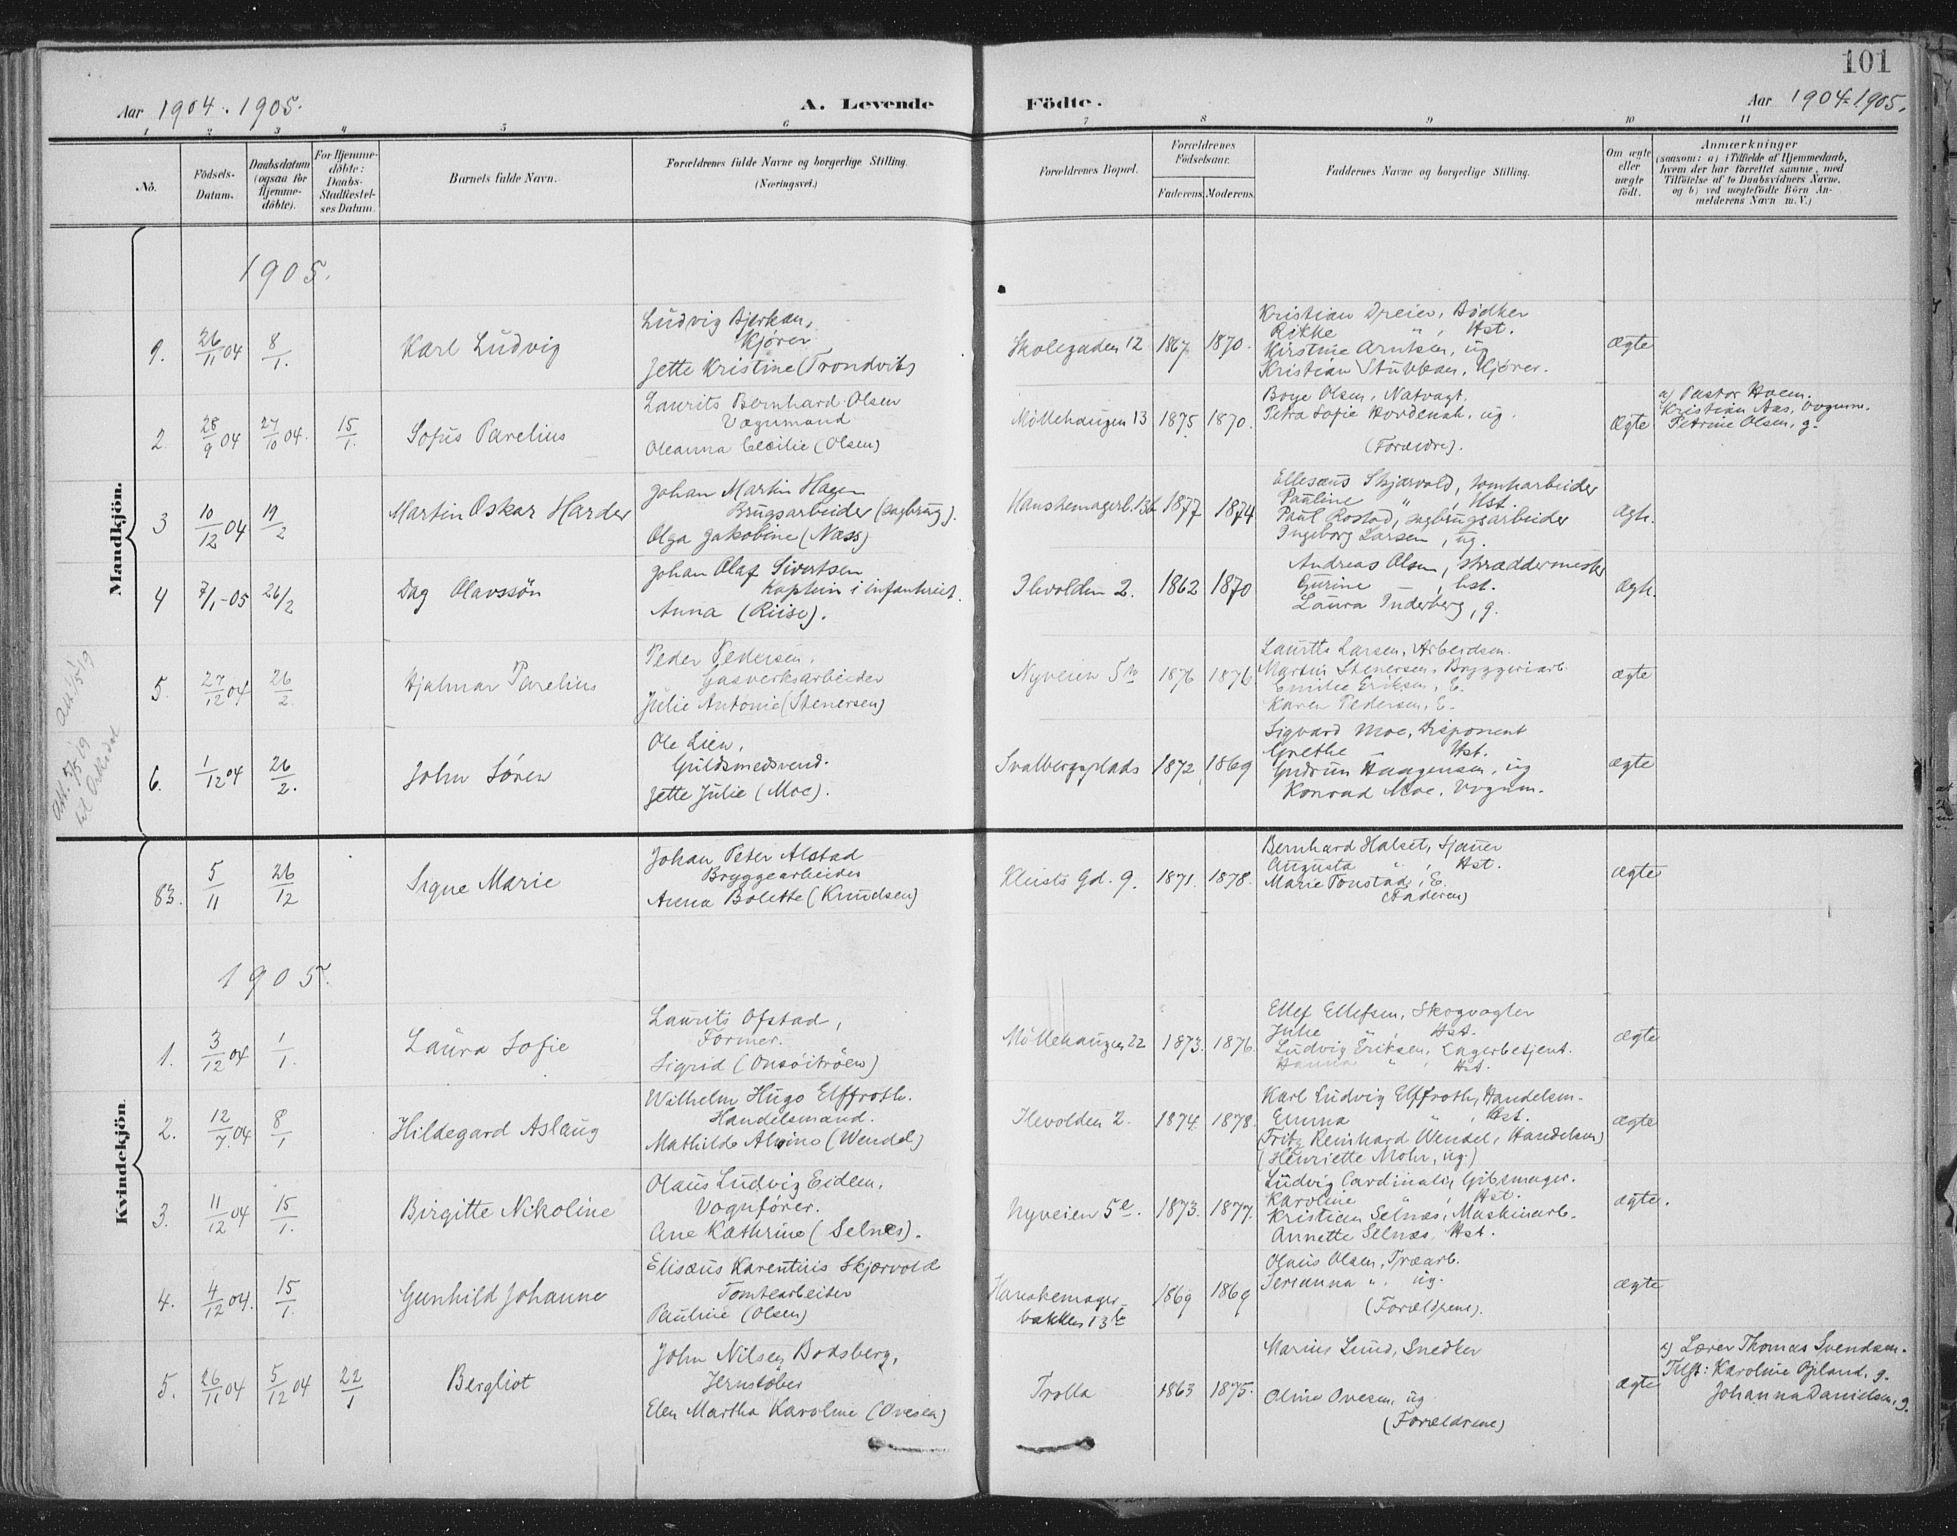 SAT, Ministerialprotokoller, klokkerbøker og fødselsregistre - Sør-Trøndelag, 603/L0167: Ministerialbok nr. 603A06, 1896-1932, s. 101